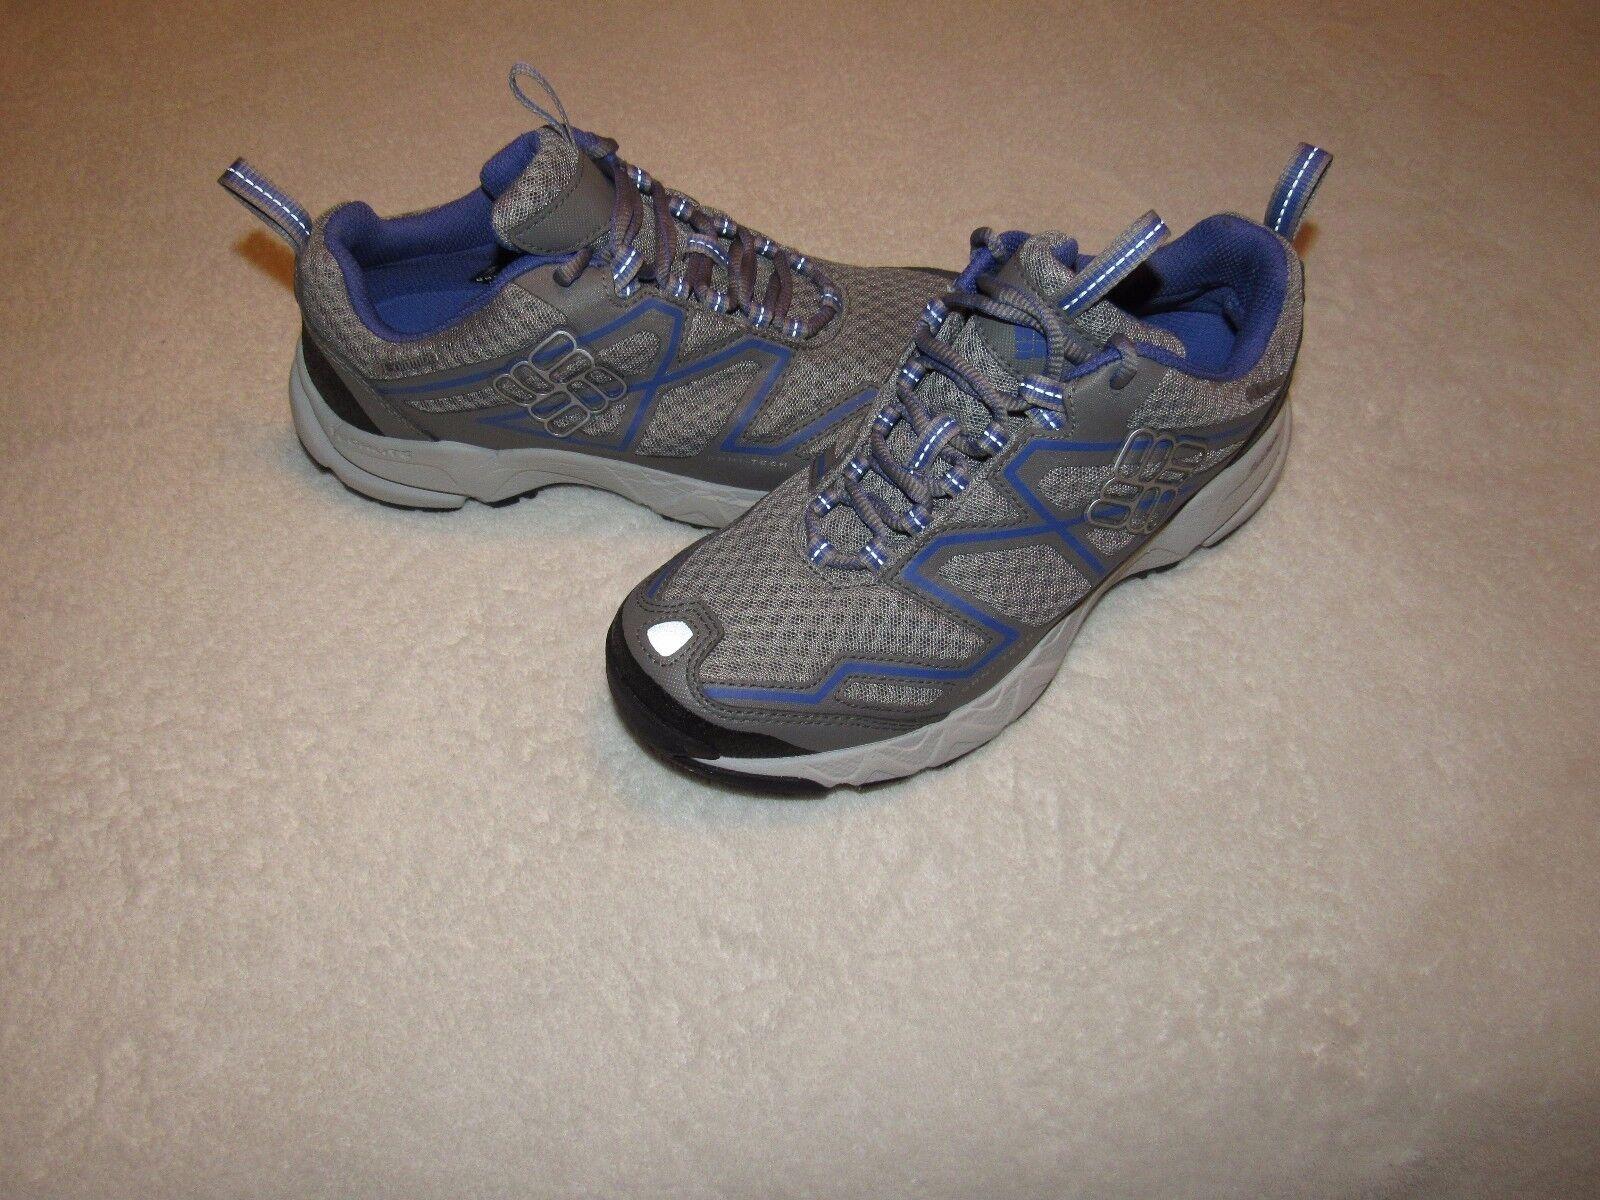 Para Mujer Columbia vigoroso Omni Tech Tech Tech Aqua Impermeable Senderismo Zapatos Talla 6.5  A la venta con descuento del 70%.